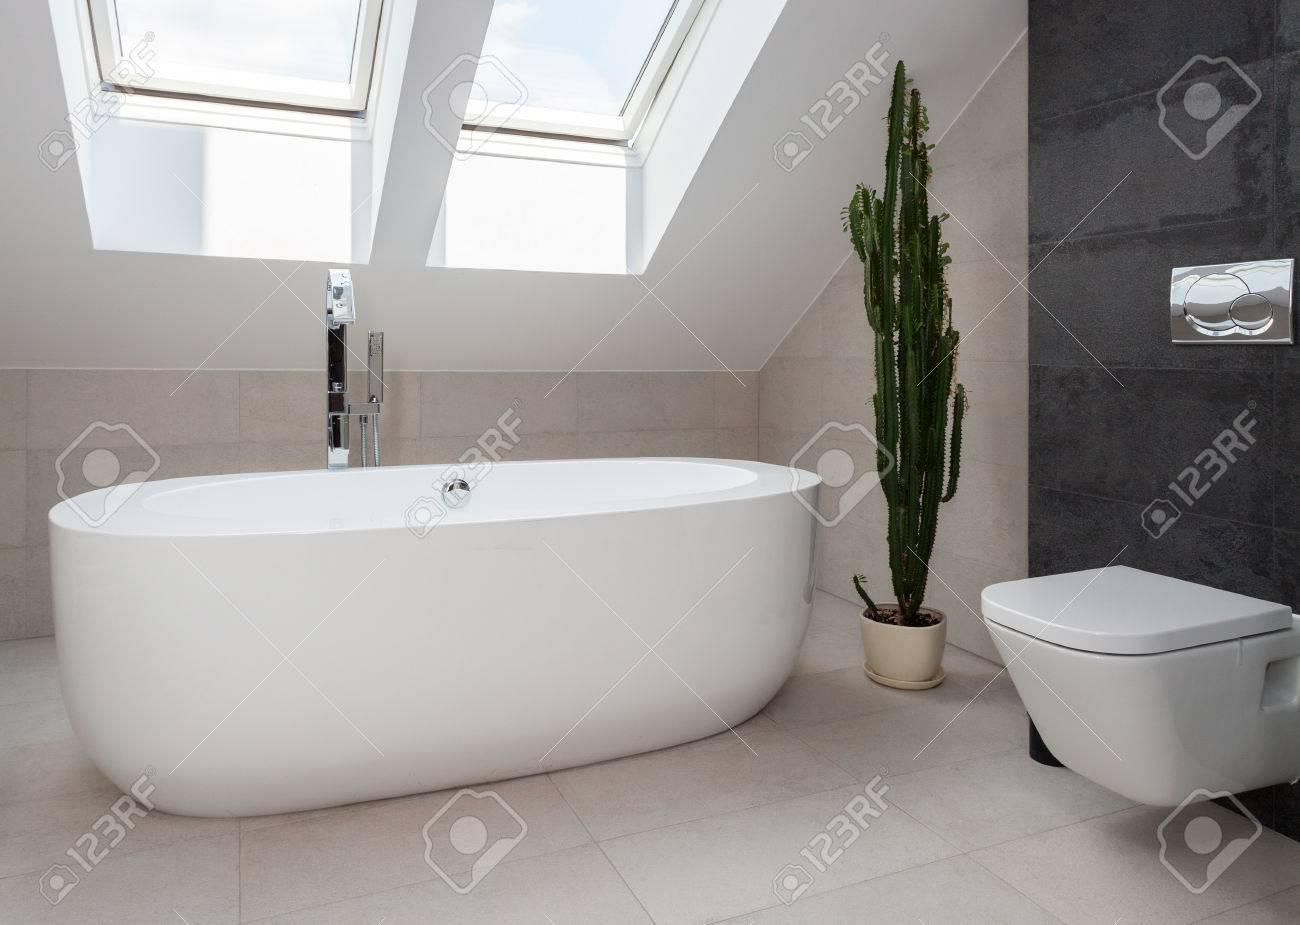 Blanc baignoire autoportante conçu salle de bains moderne